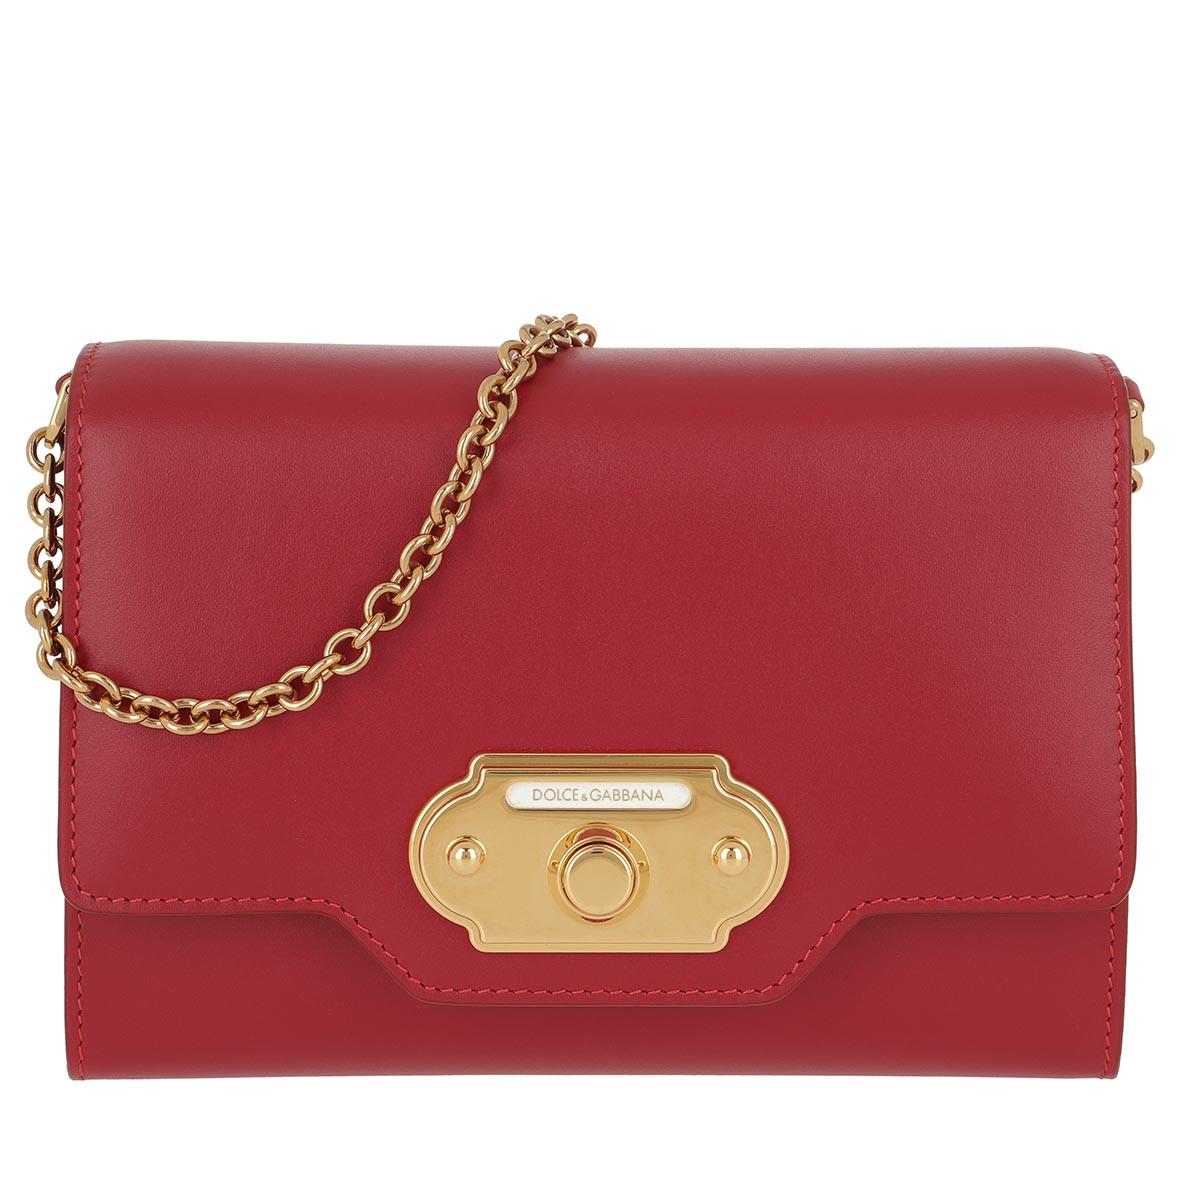 Dolce&Gabbana Umhängetasche - Welcome Mini Bag Rosso Papavero - in rot - für Damen